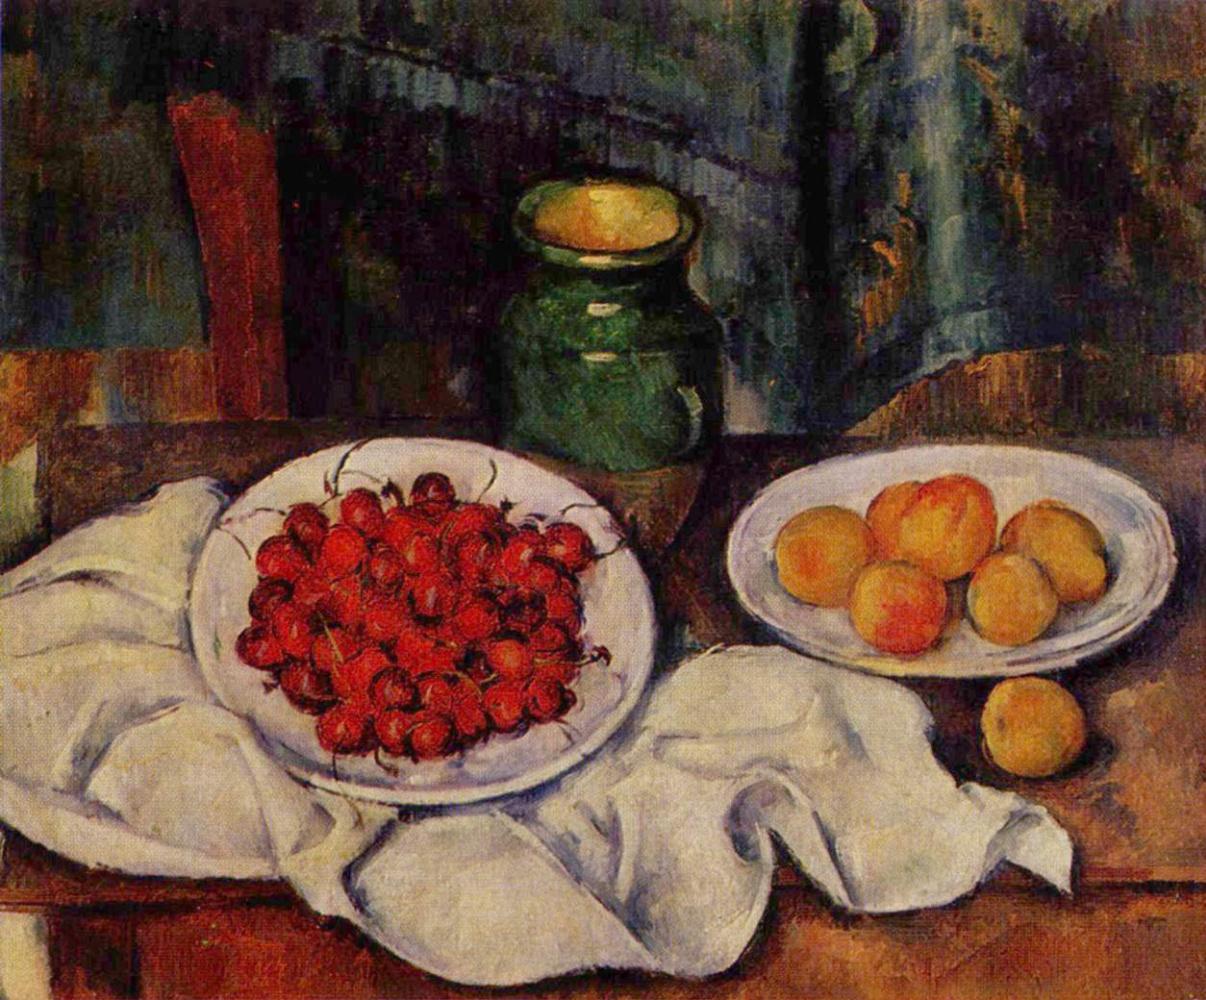 Поль Сезанн. Натюрморт с вишнями и персиками